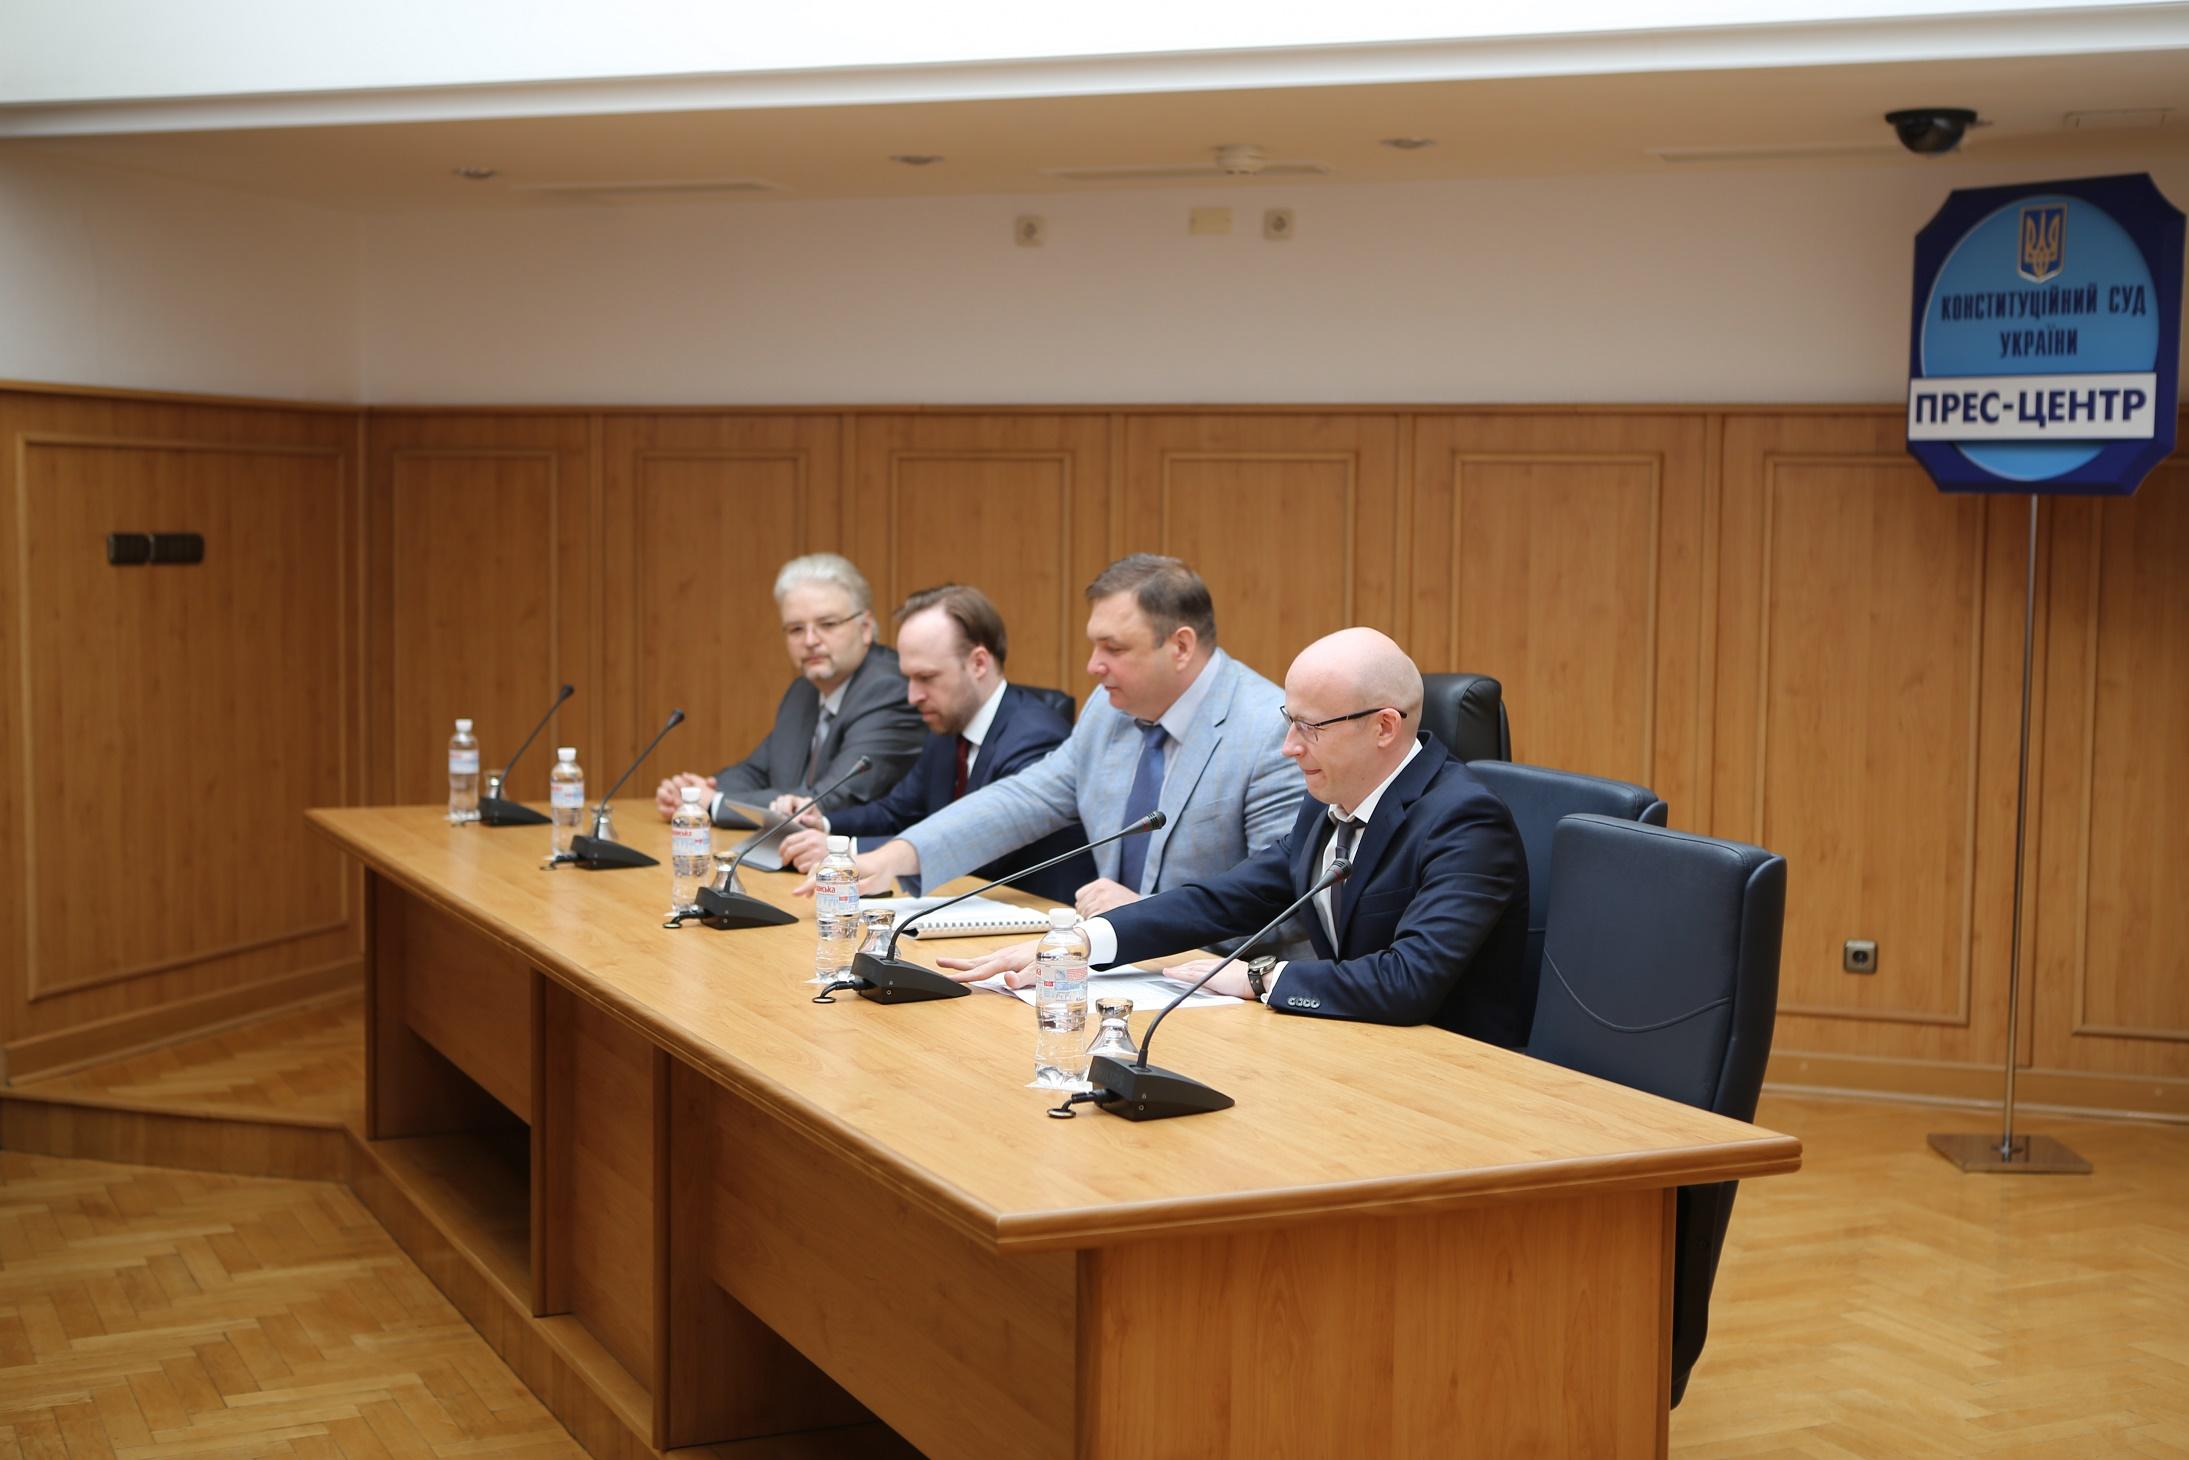 Во время второго заседания участники обсудили вопросы взаимоотношений судов